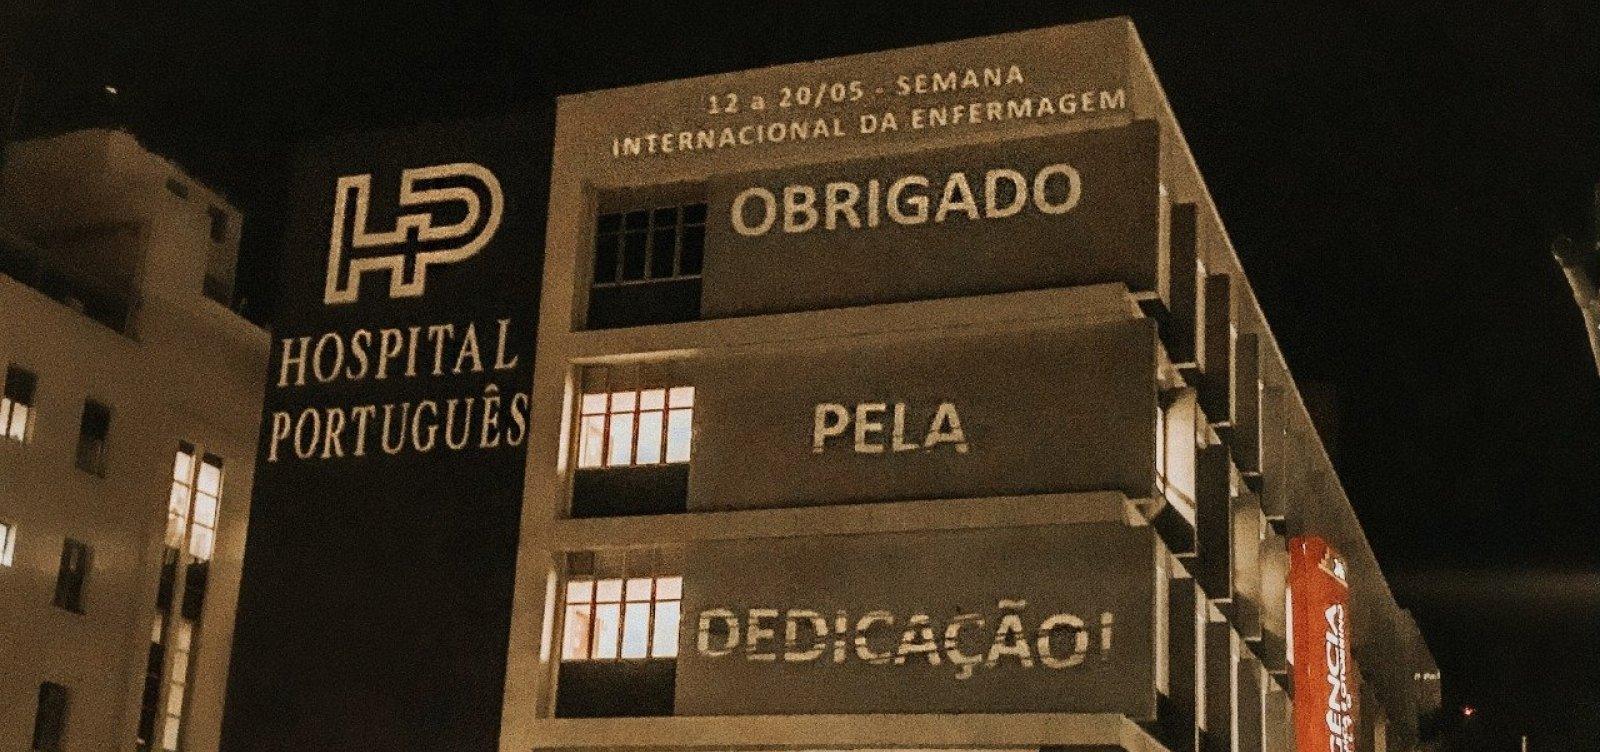 [Projeção em fachada do Hospital Português presta homenagem a profissionais de enfermagem]